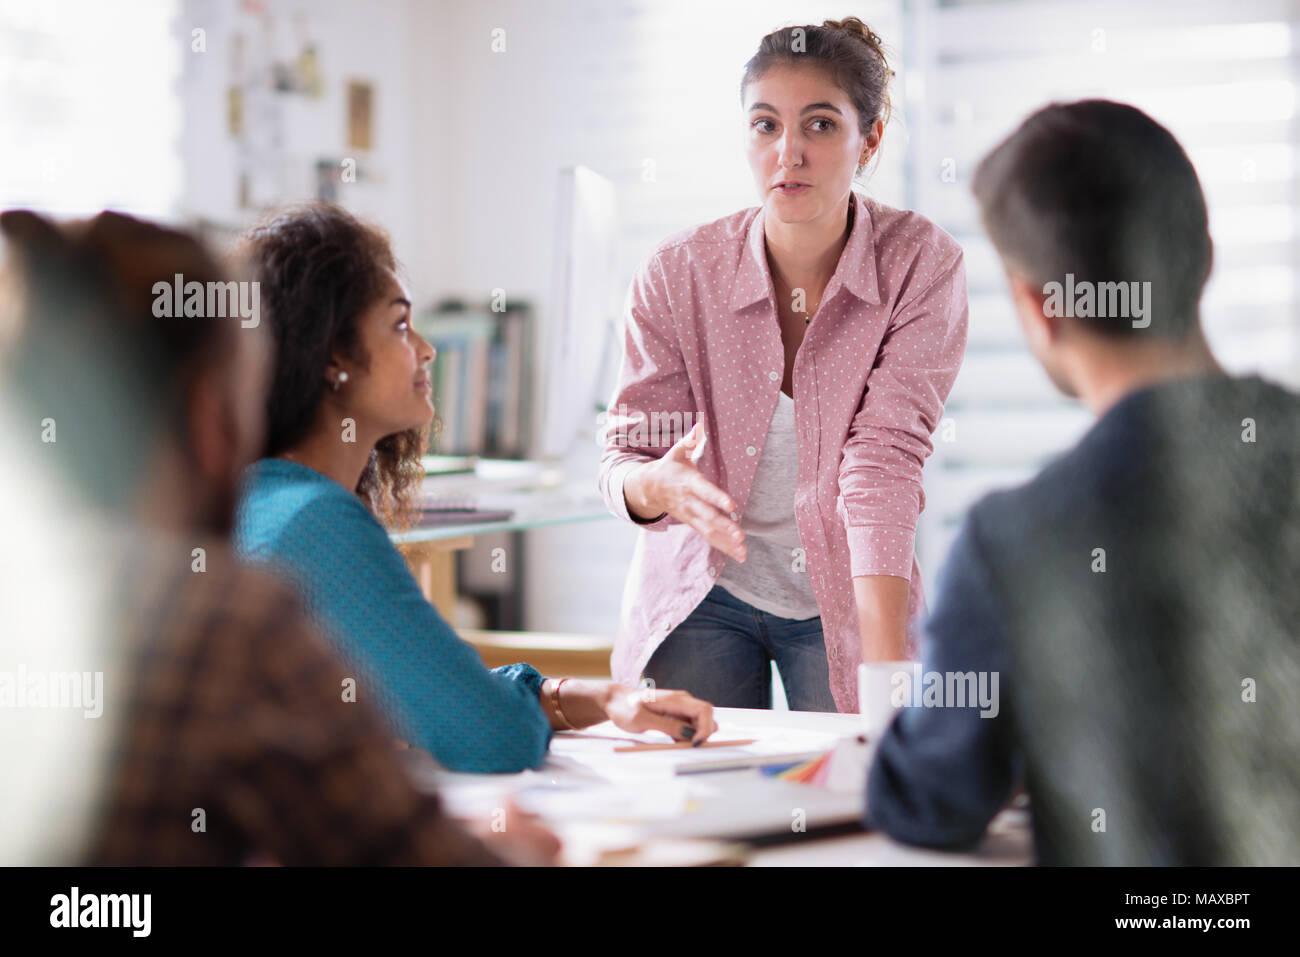 Sale riunioni ufficio. giovane donna presenta il suo progetto per i suoi colleghi Immagini Stock